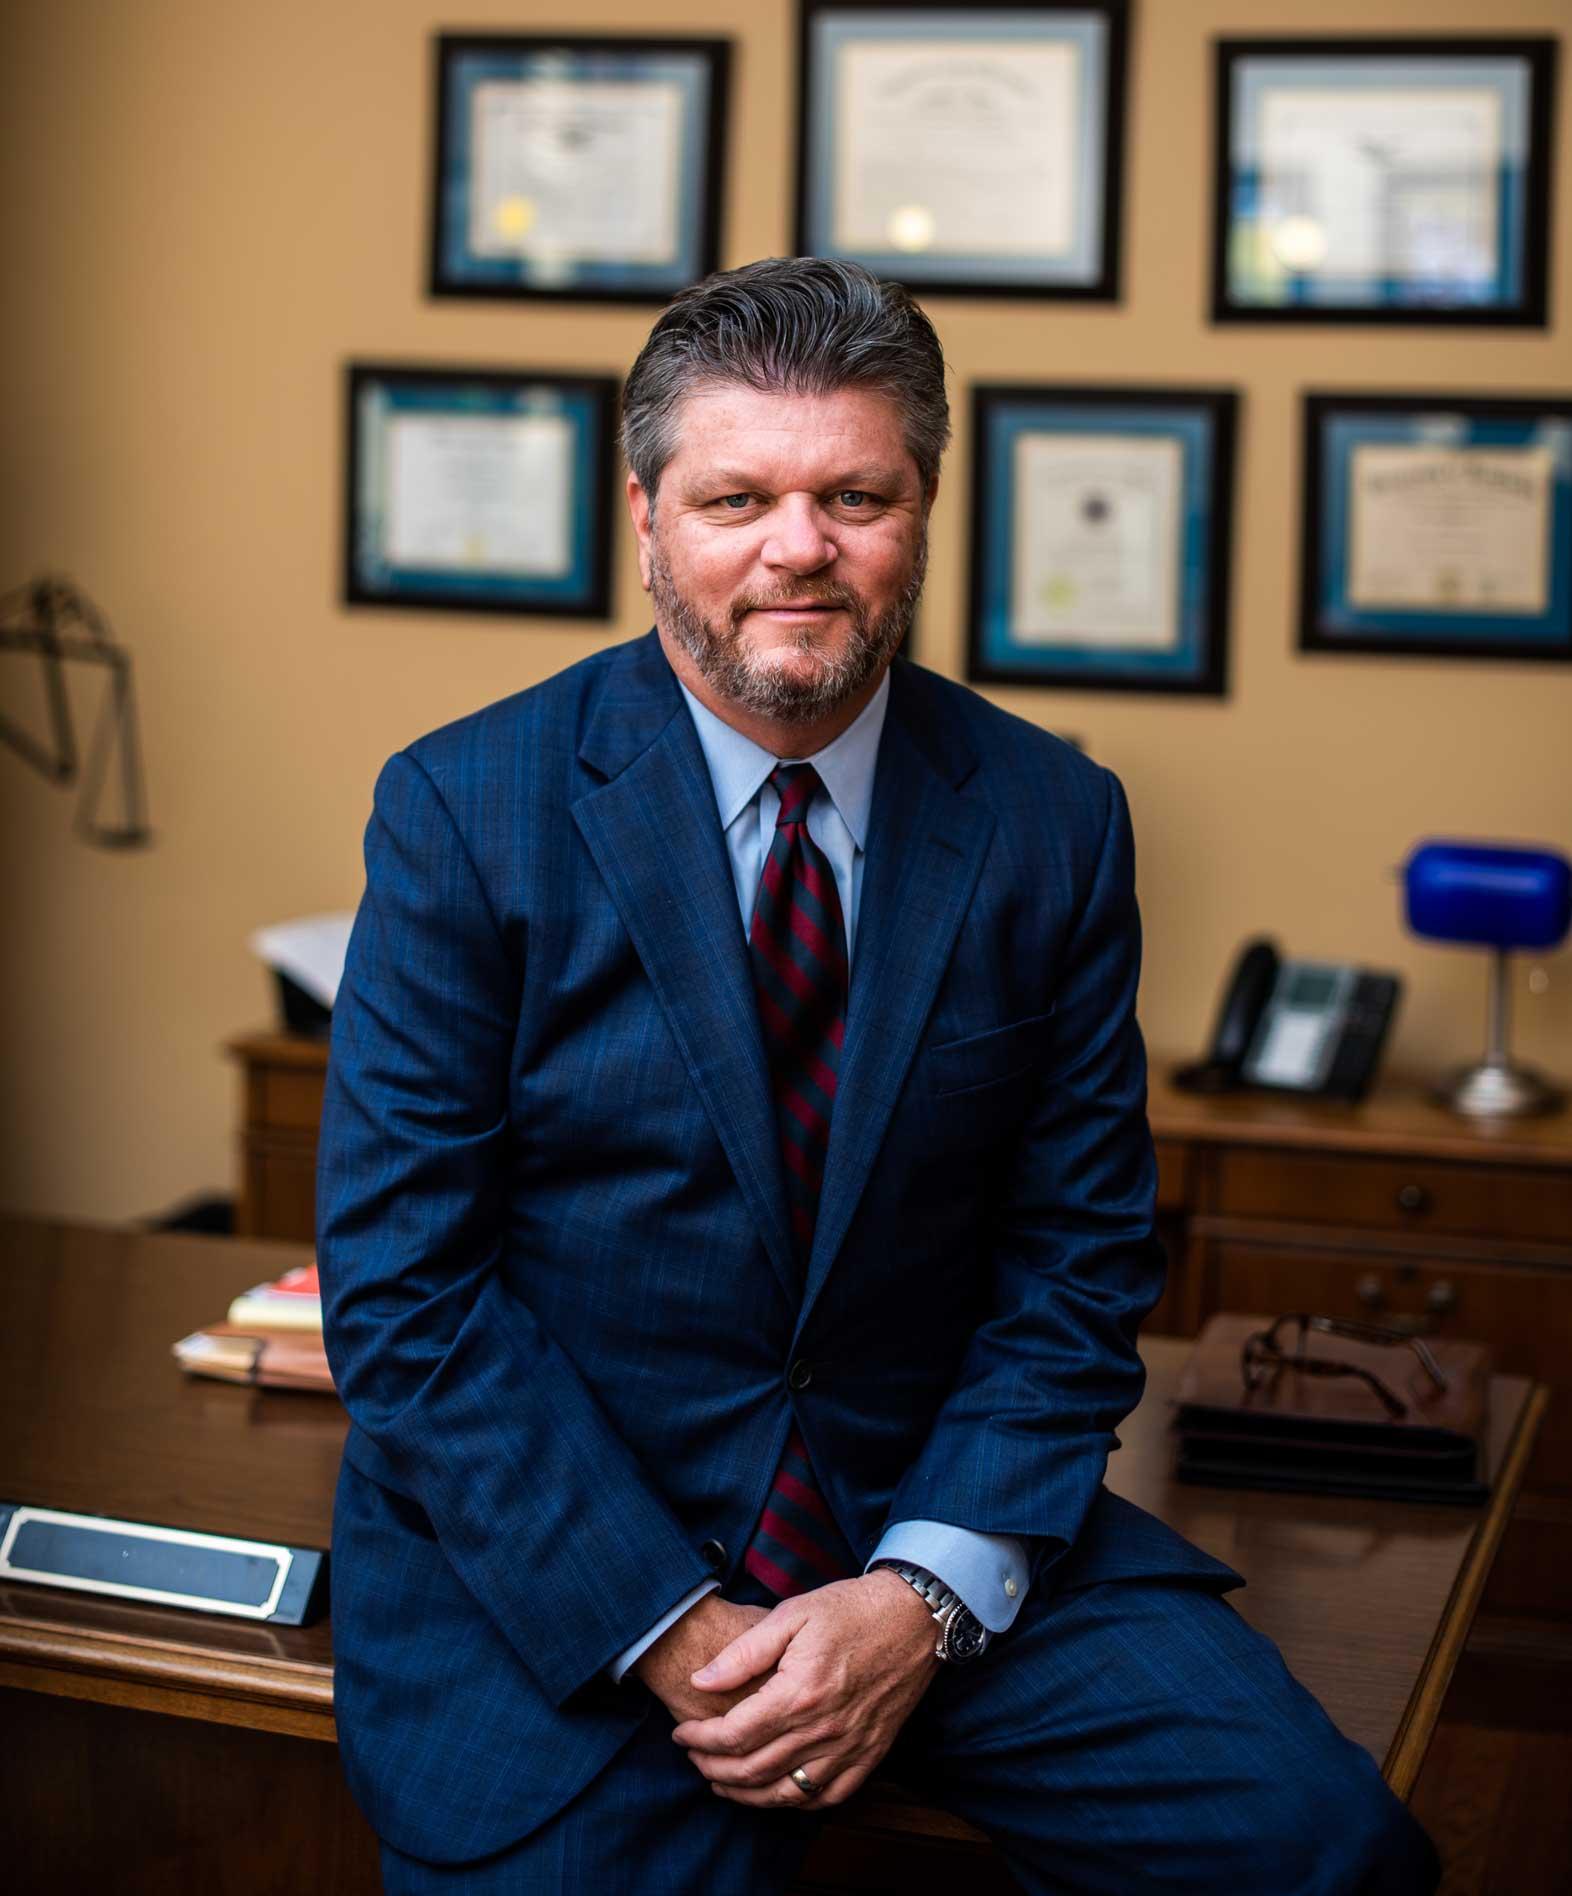 John Harralson leaning against his desk smiling